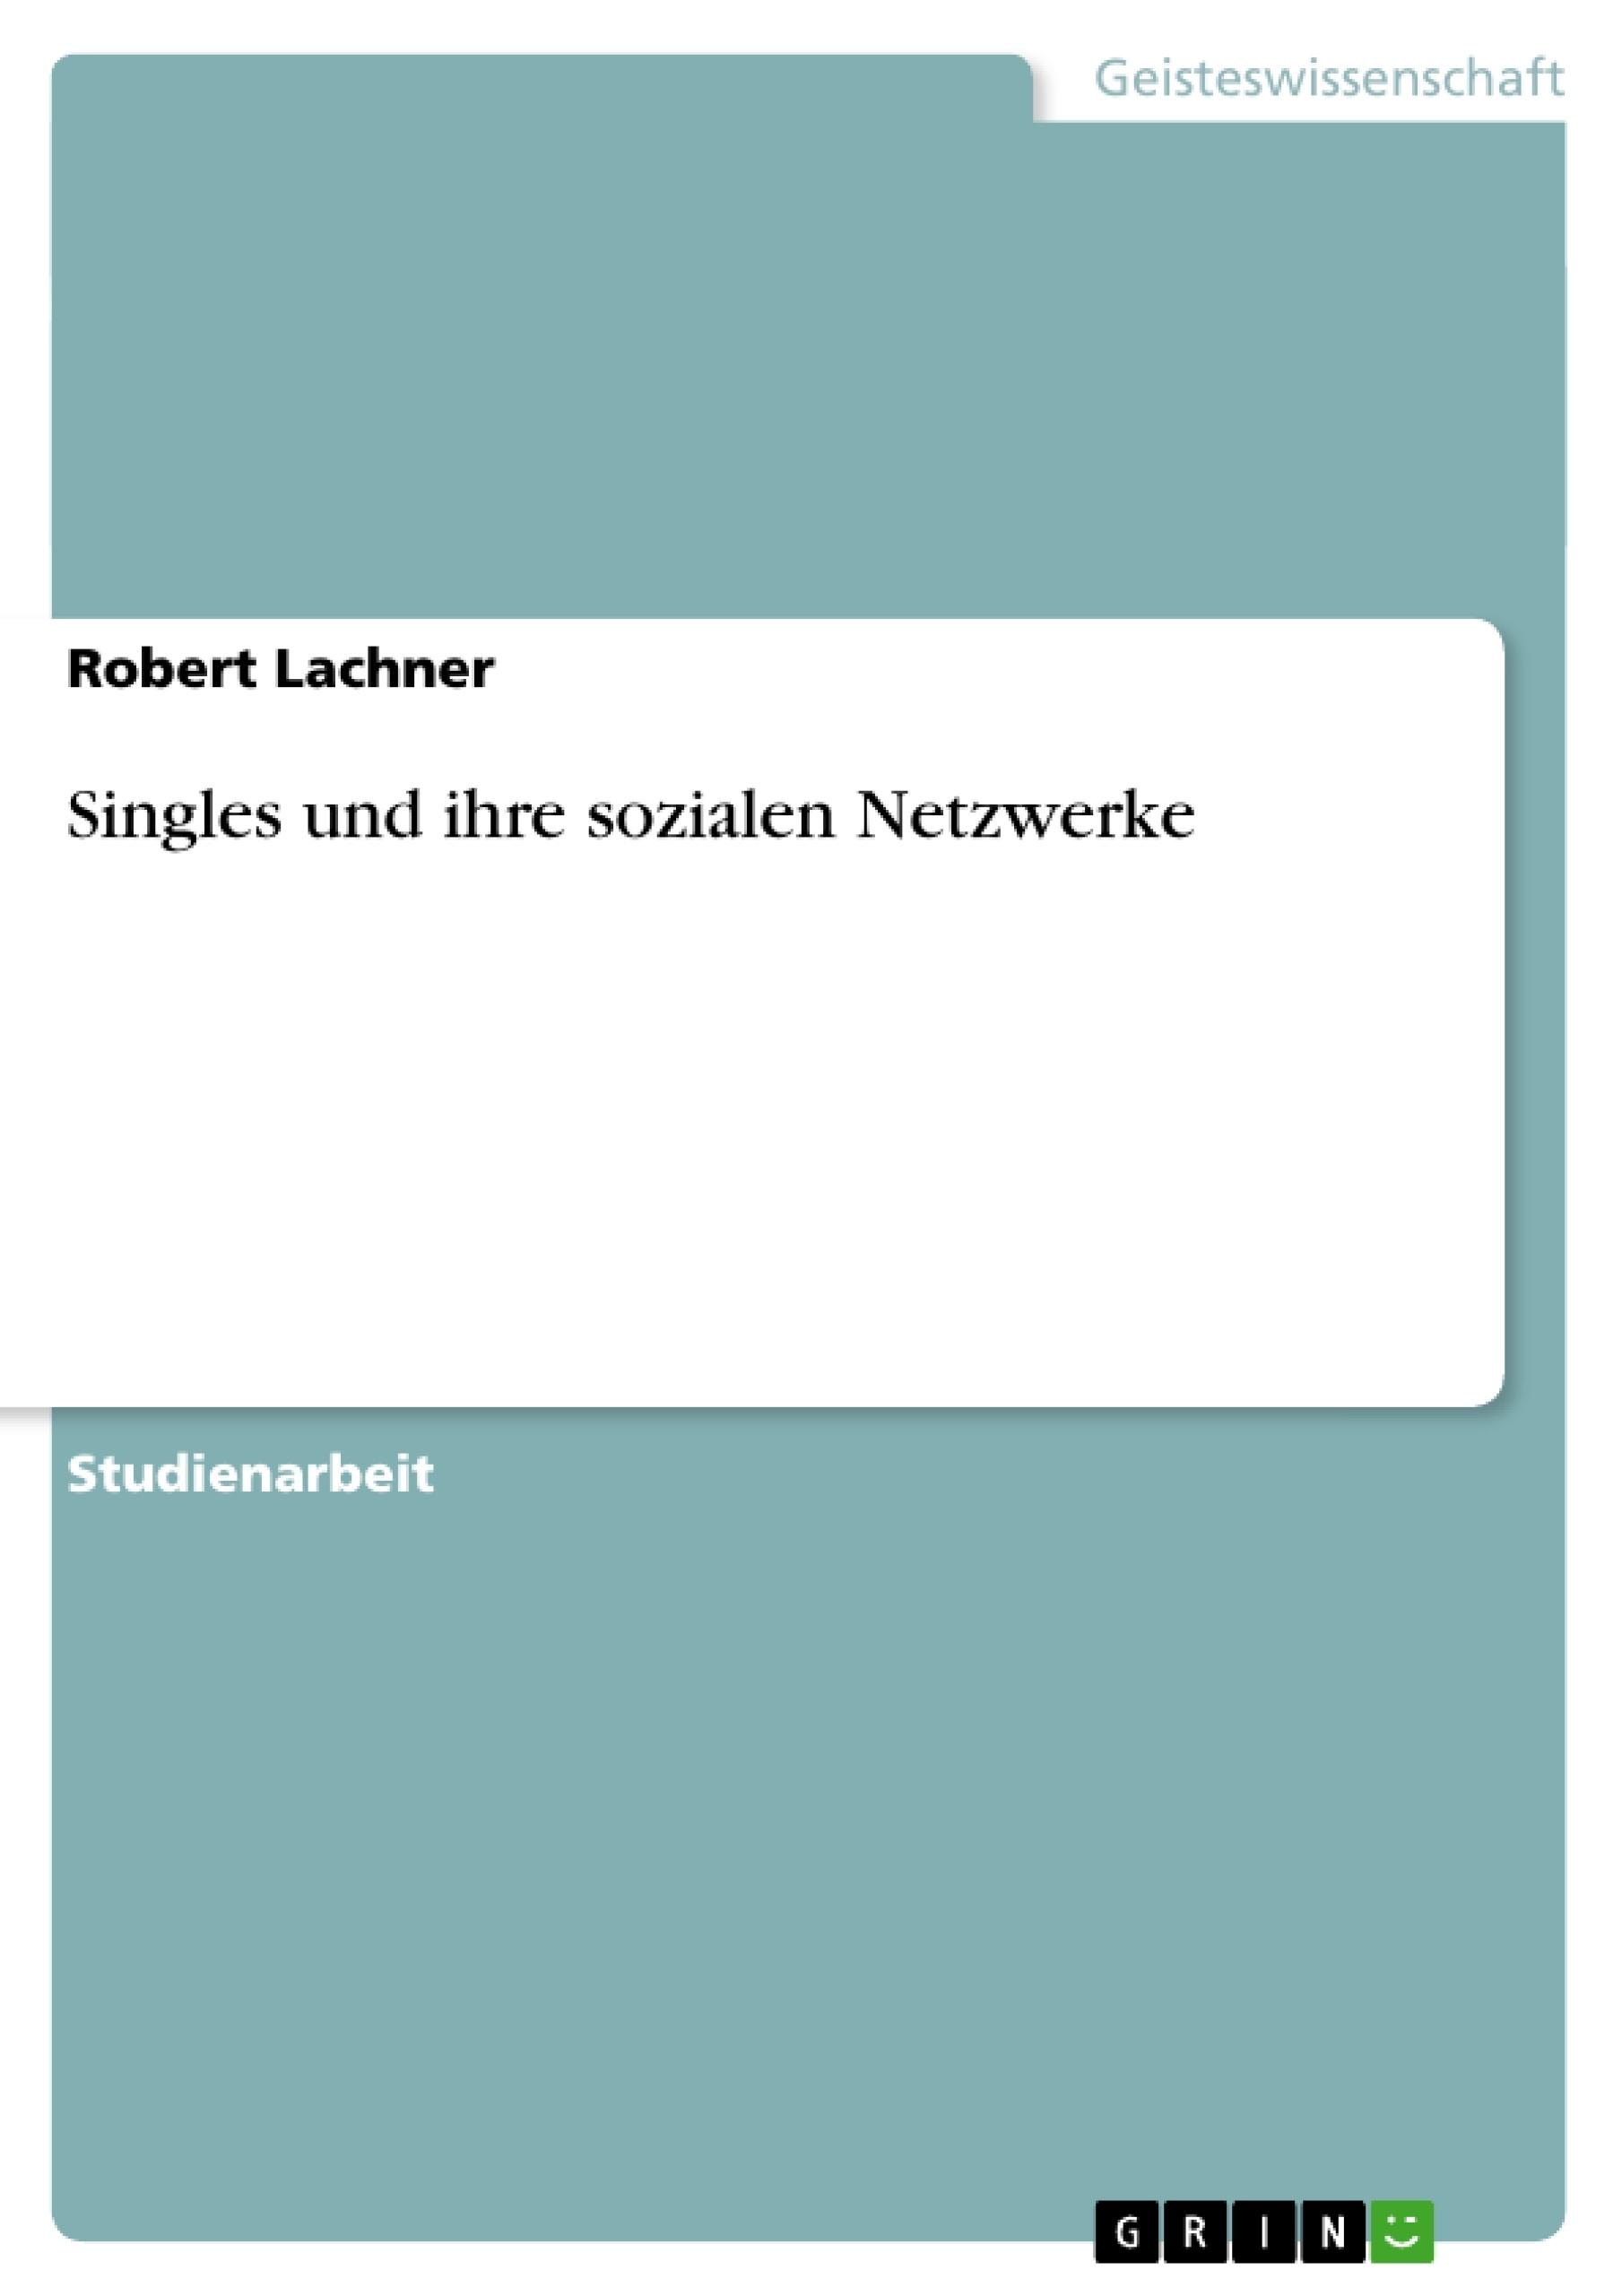 Titel: Singles und ihre sozialen Netzwerke